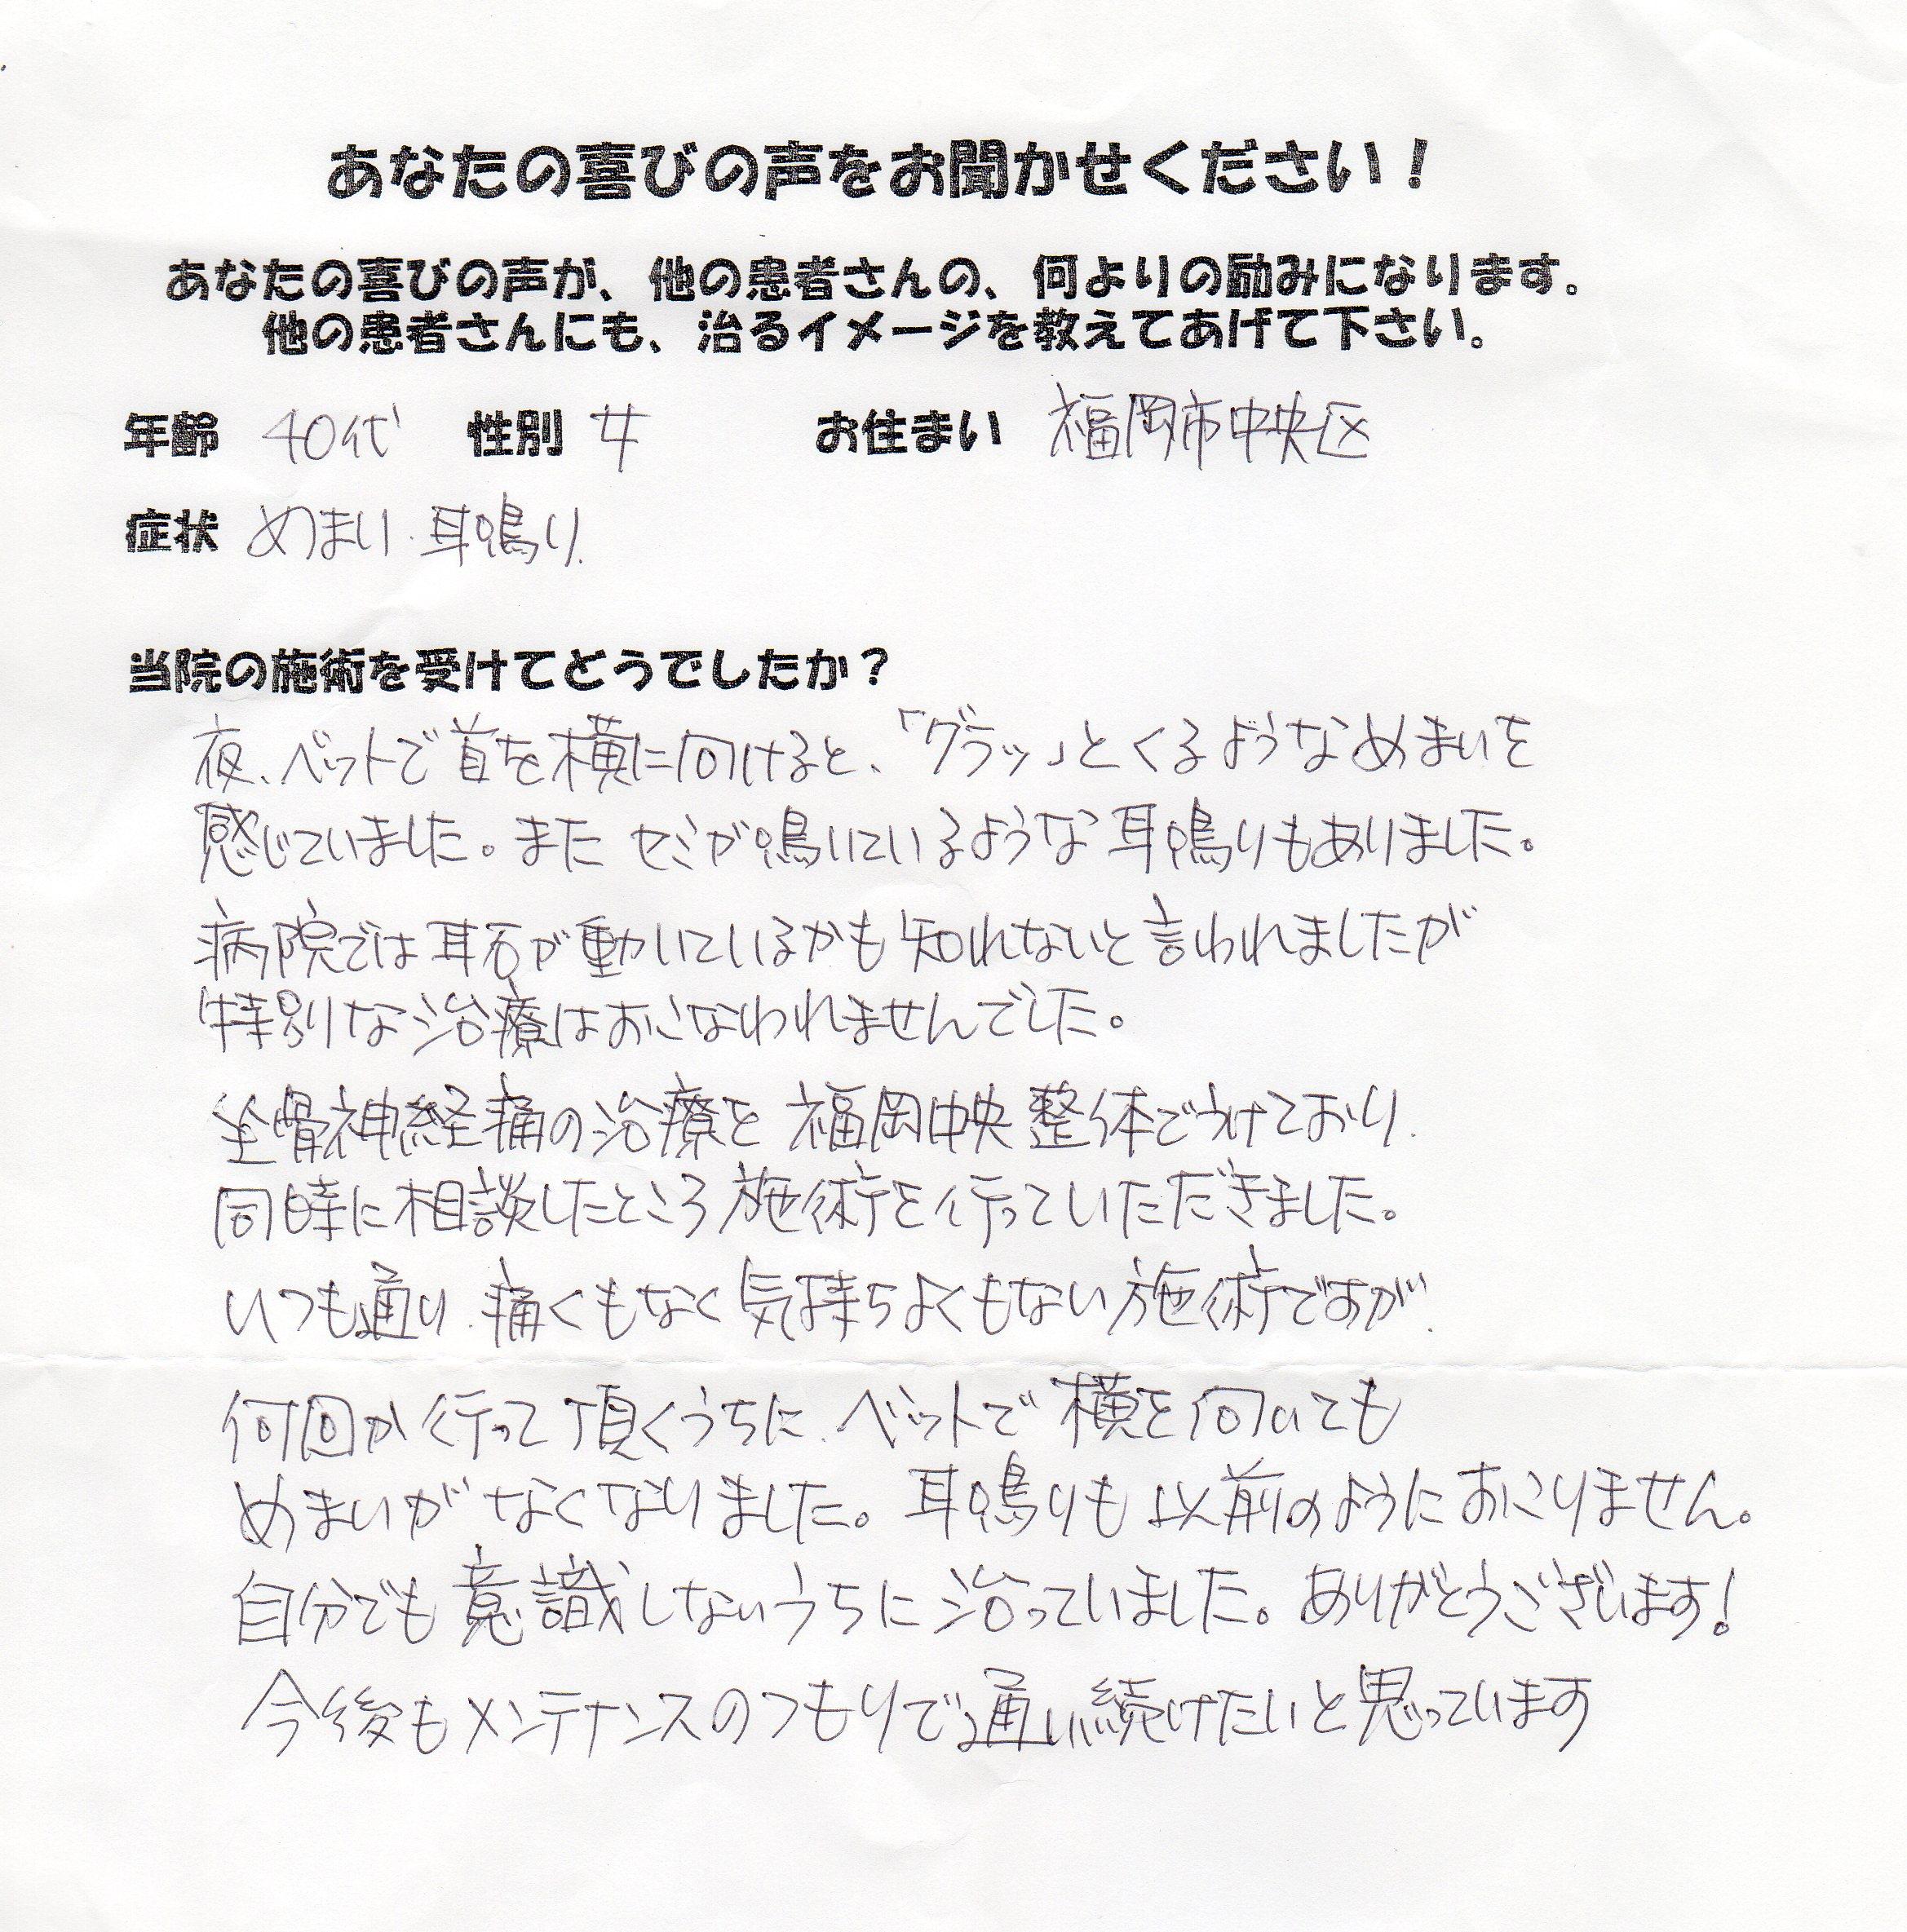 耳鳴り、目眩、眩暈、ふらつき、メニエール病、難聴、腰痛は福岡市中央区の腰痛整体院